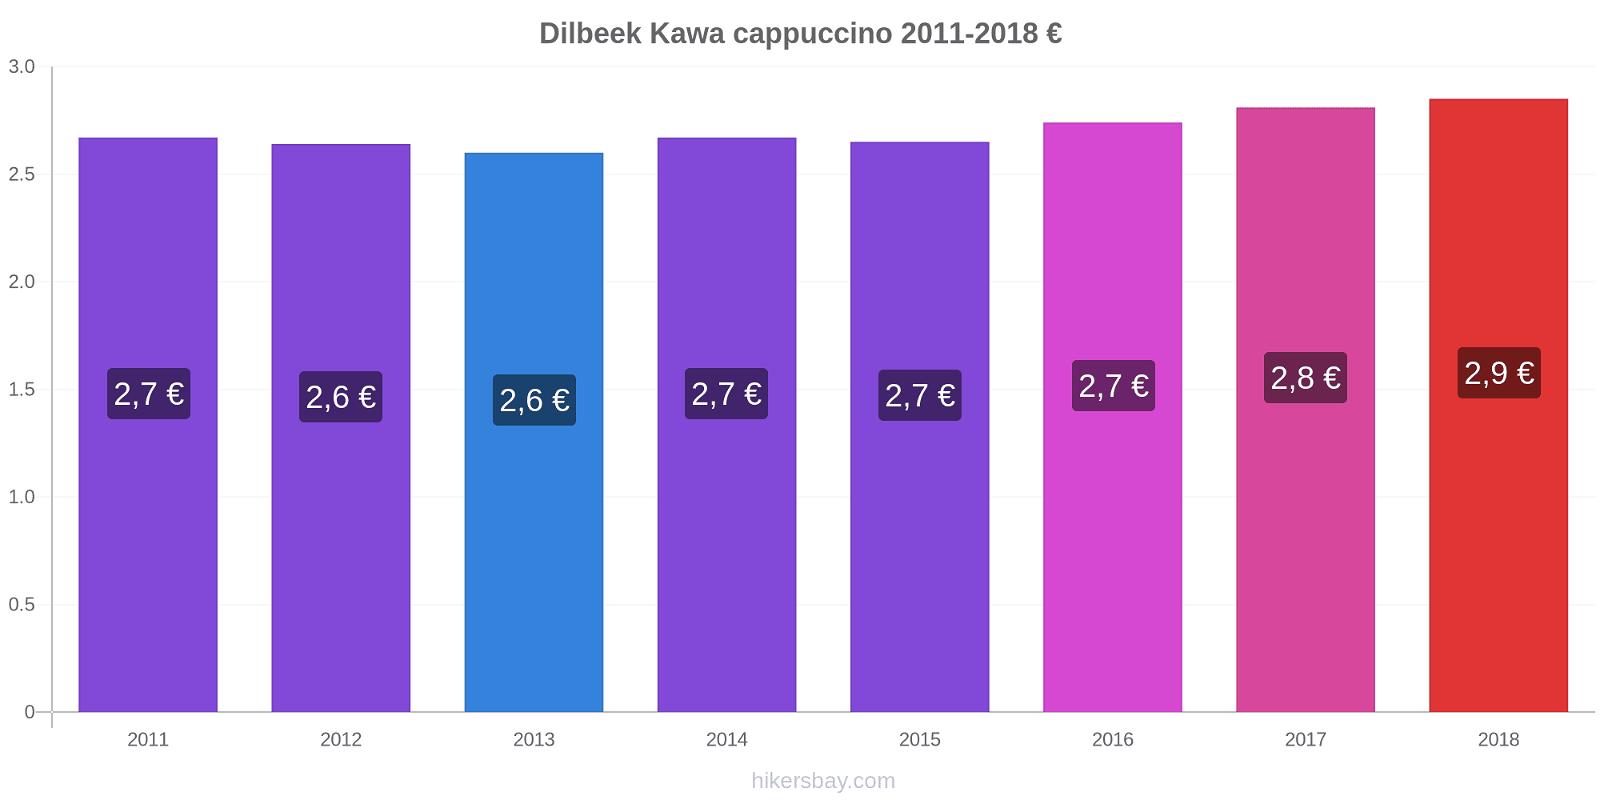 Dilbeek zmiany cen Kawa cappuccino hikersbay.com